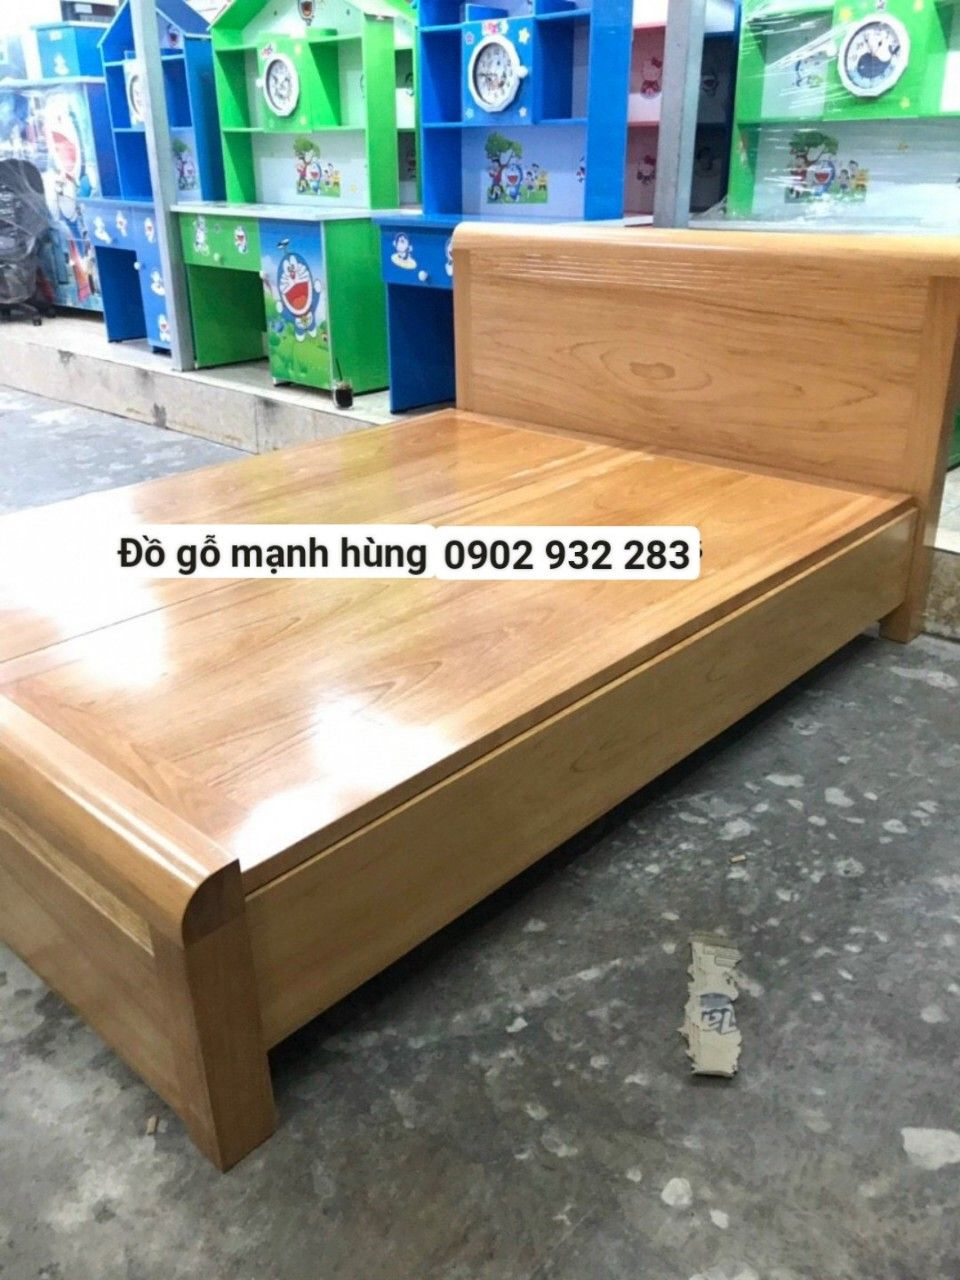 Giường gỗ gõ đỏ mẫu hiện đại 1,6m